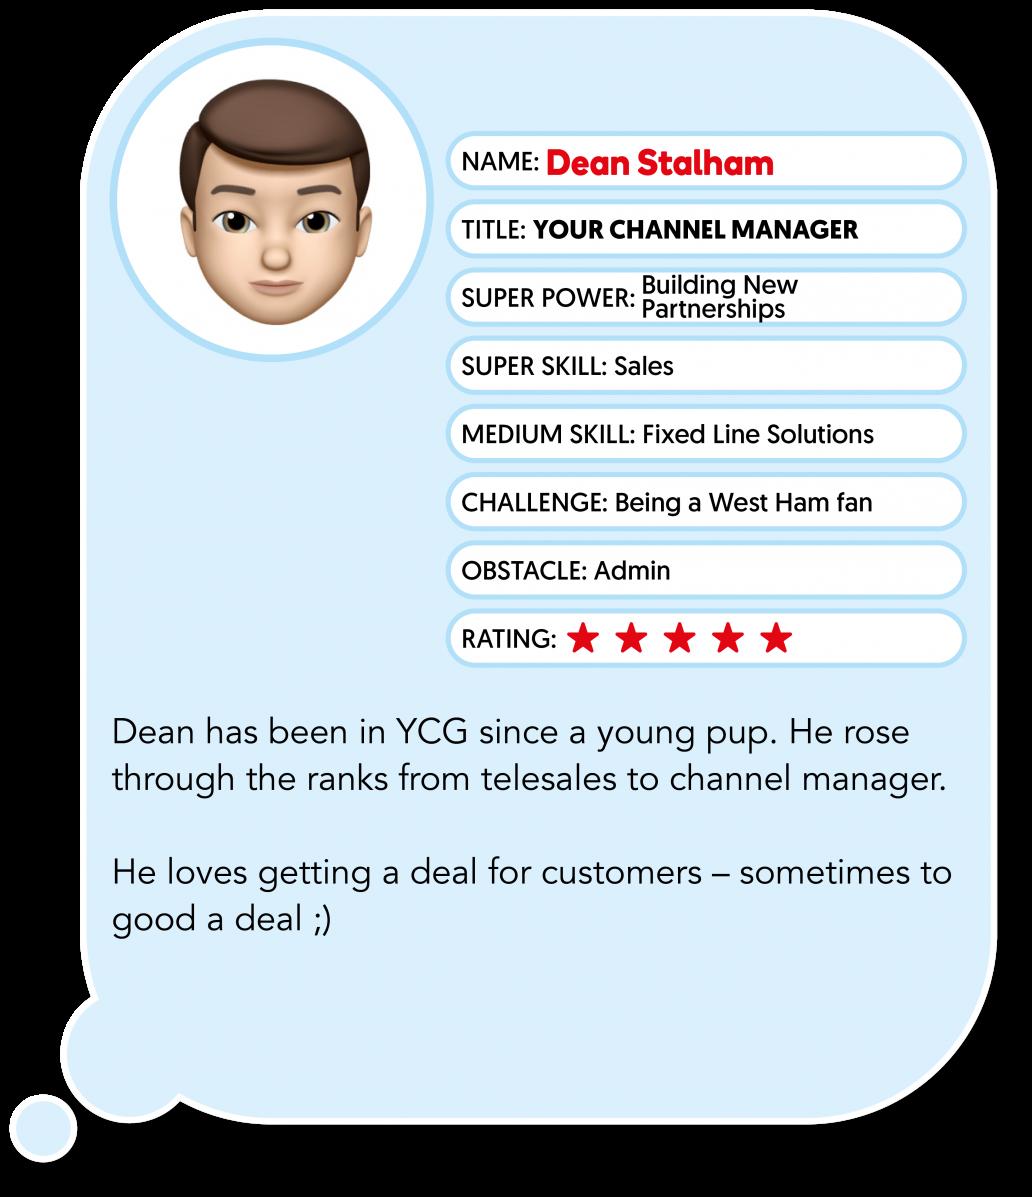 Dean Stalham